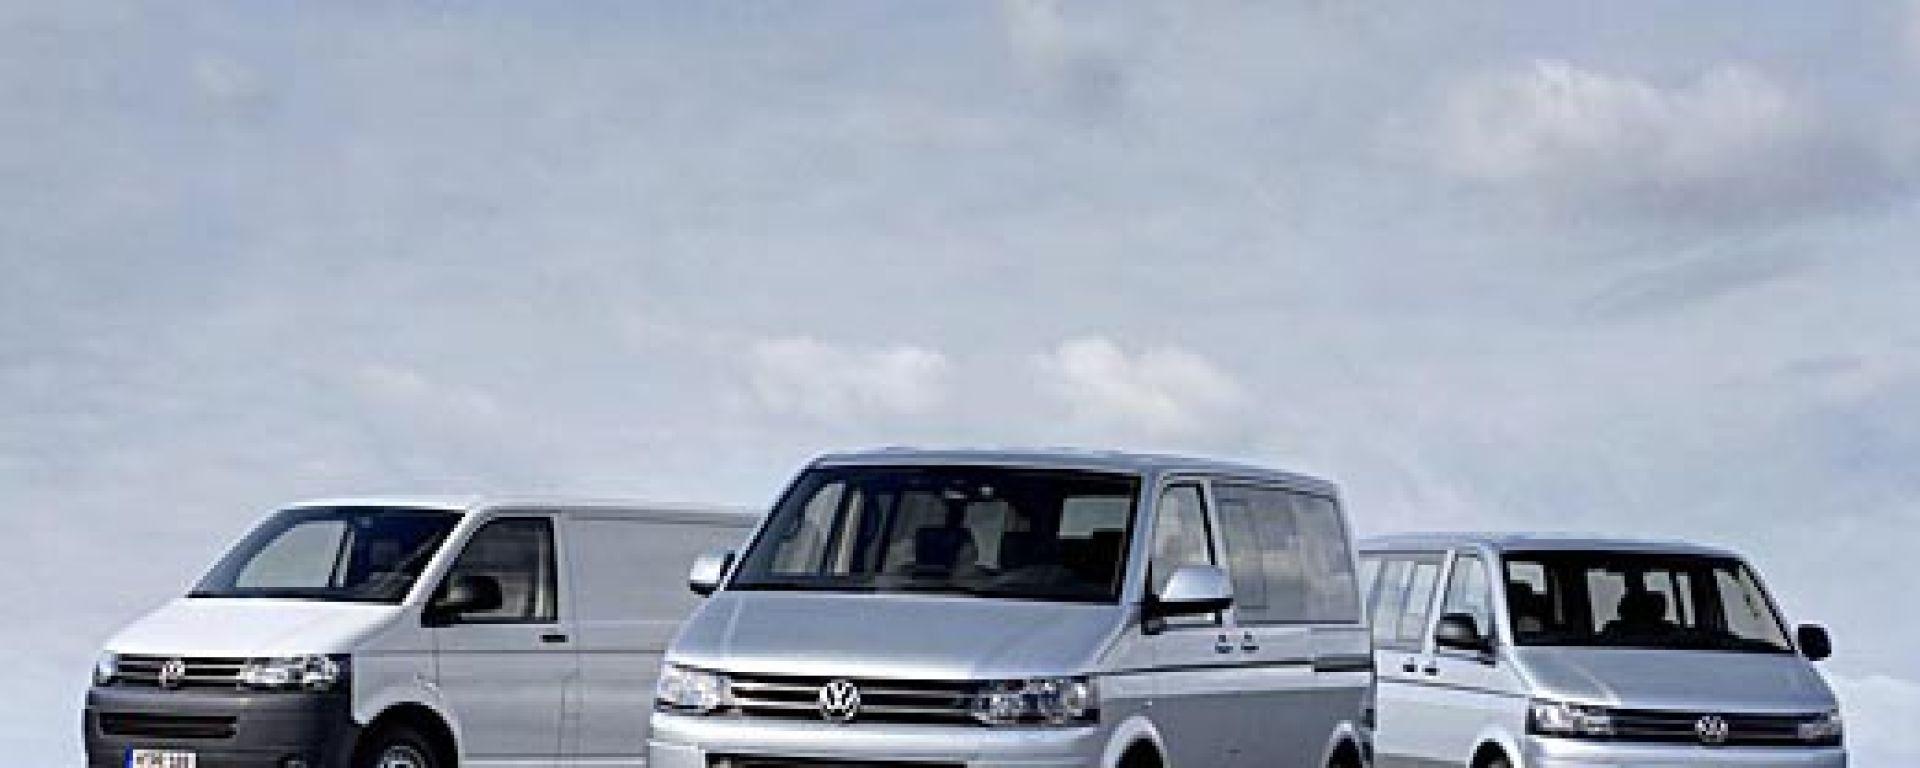 Volkswagen T5 Caravelle, Multivan & Co 2010